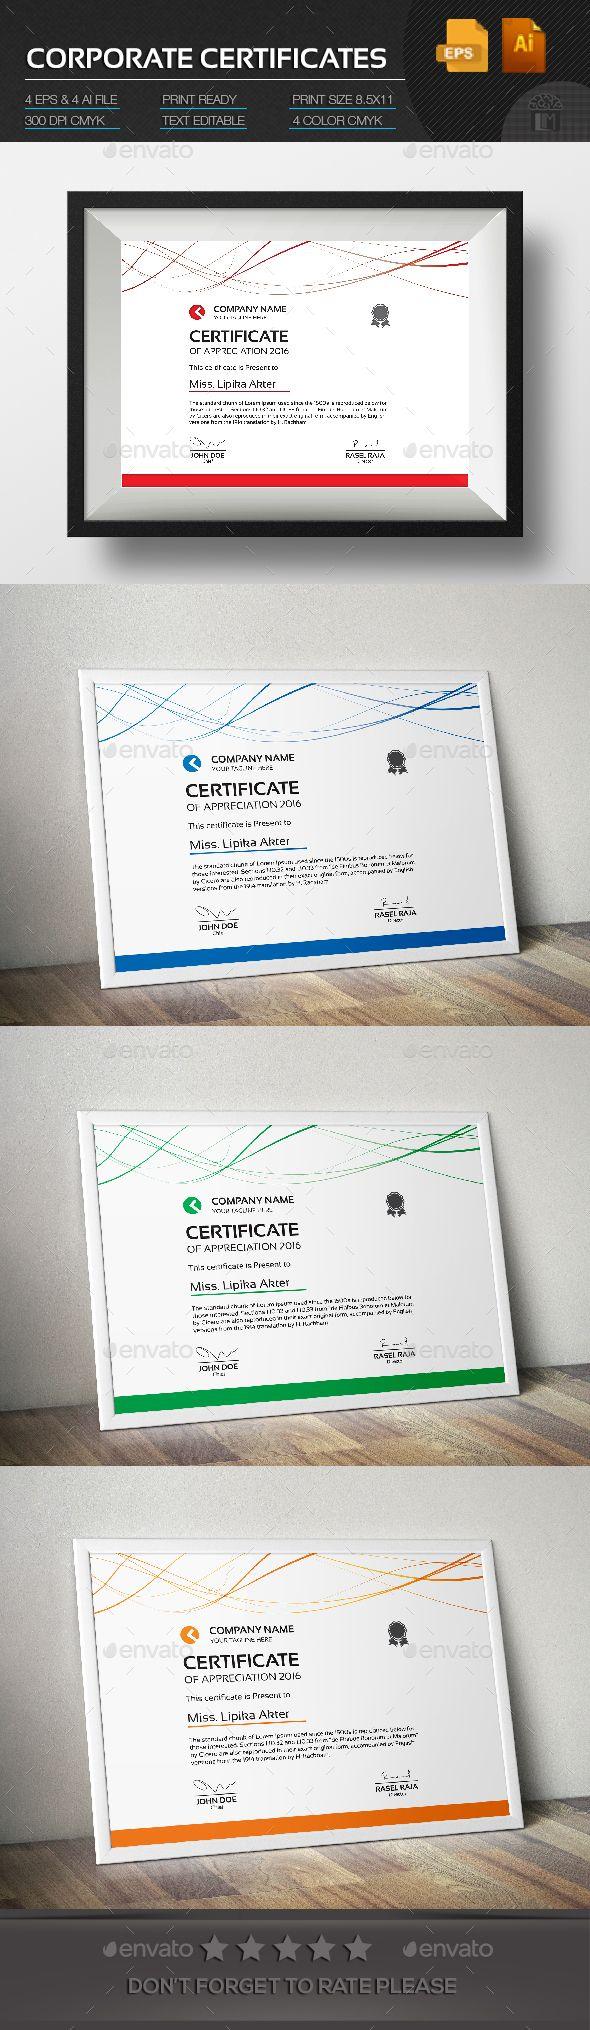 Corporate Certificate   Pinterest